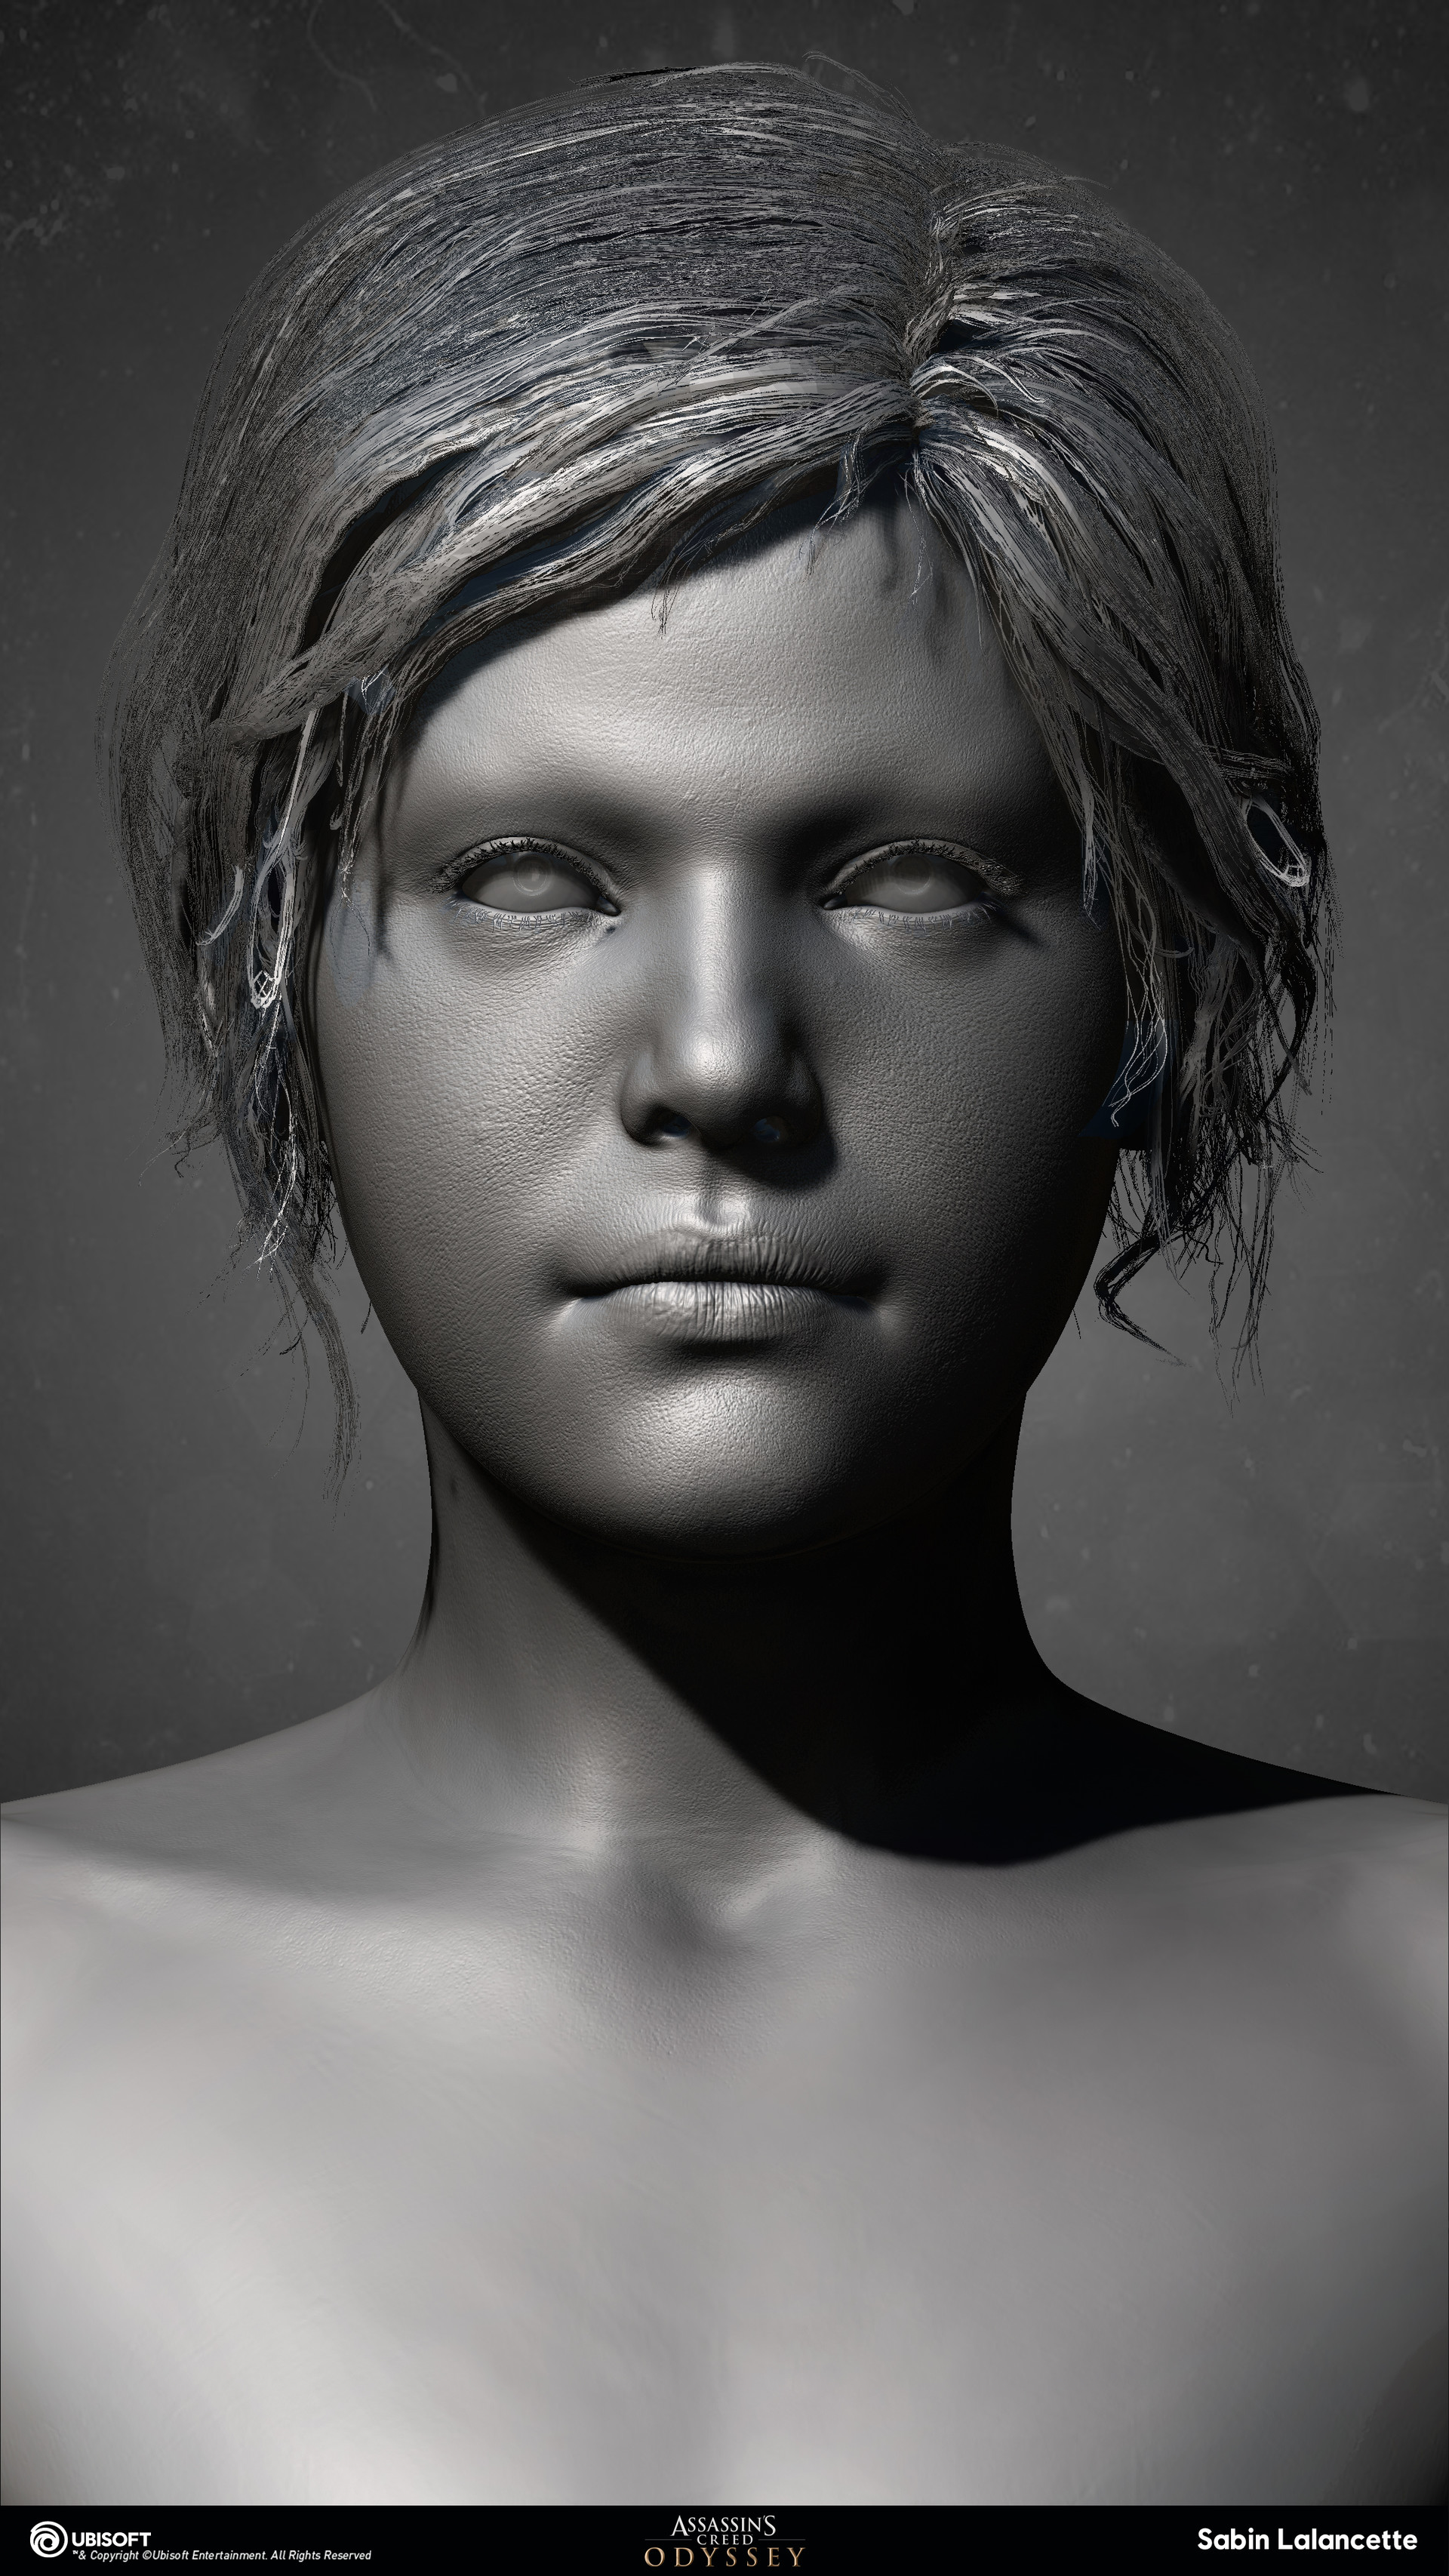 Sabin lalancette artblast fullsizezb hex portrait young kassandra slalancette